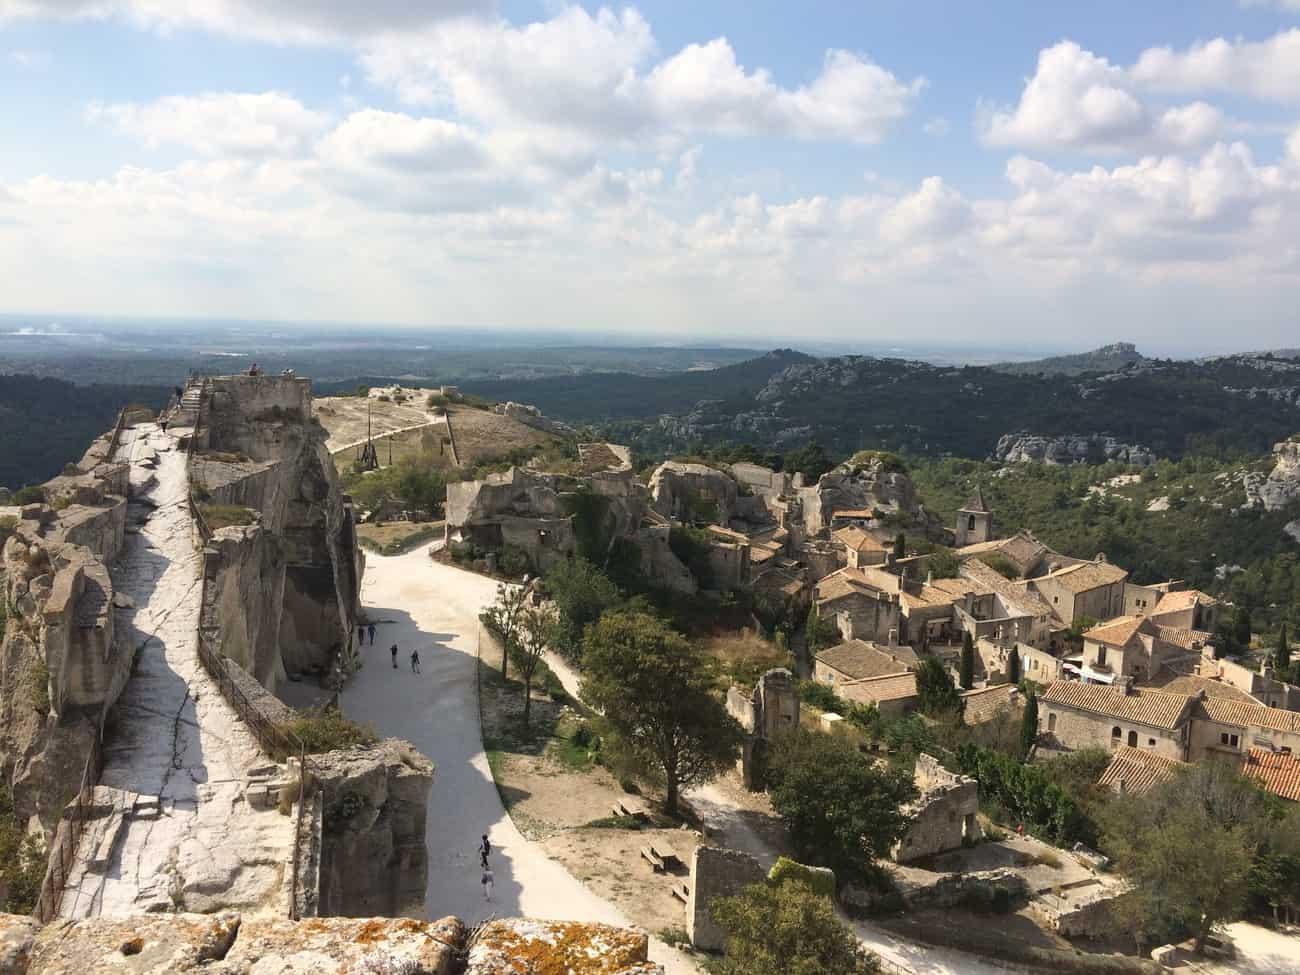 Les Baux - castle with town below